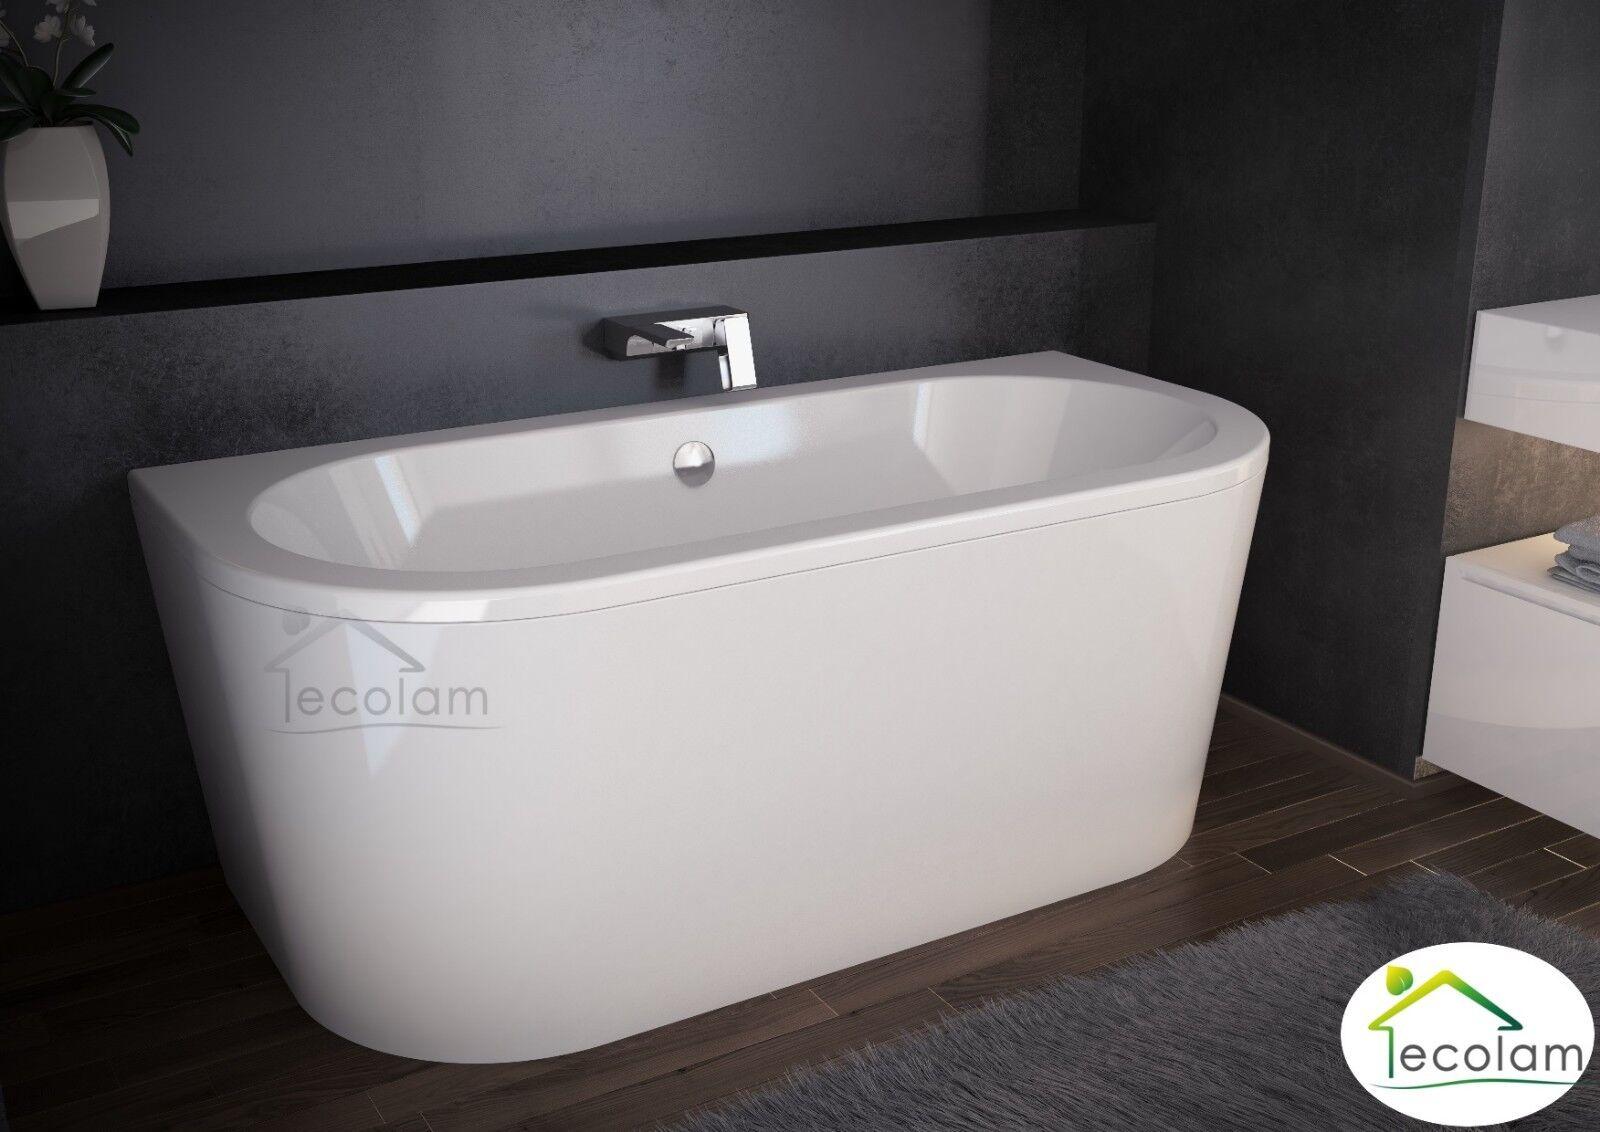 Vorwand- Badewanne freistehende Wanne 140x75 150x75 160x75 170x75 cm Design